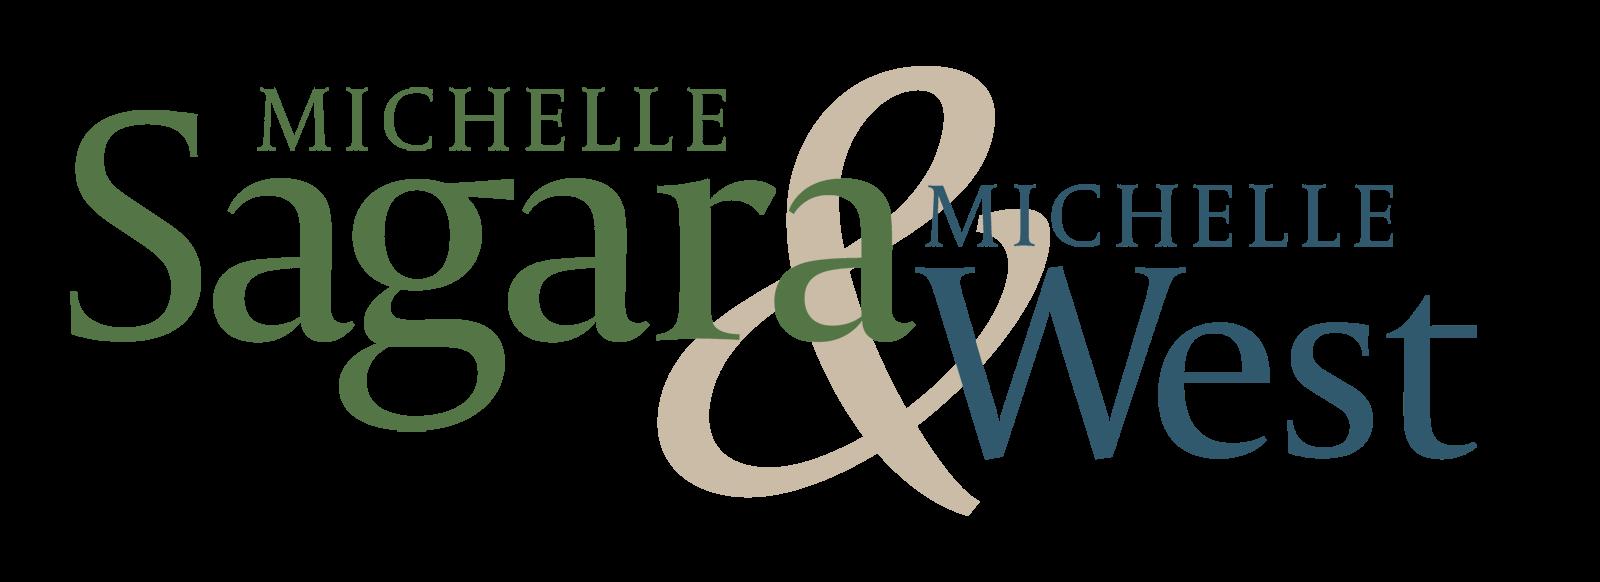 Michelle Sagara & Michelle West